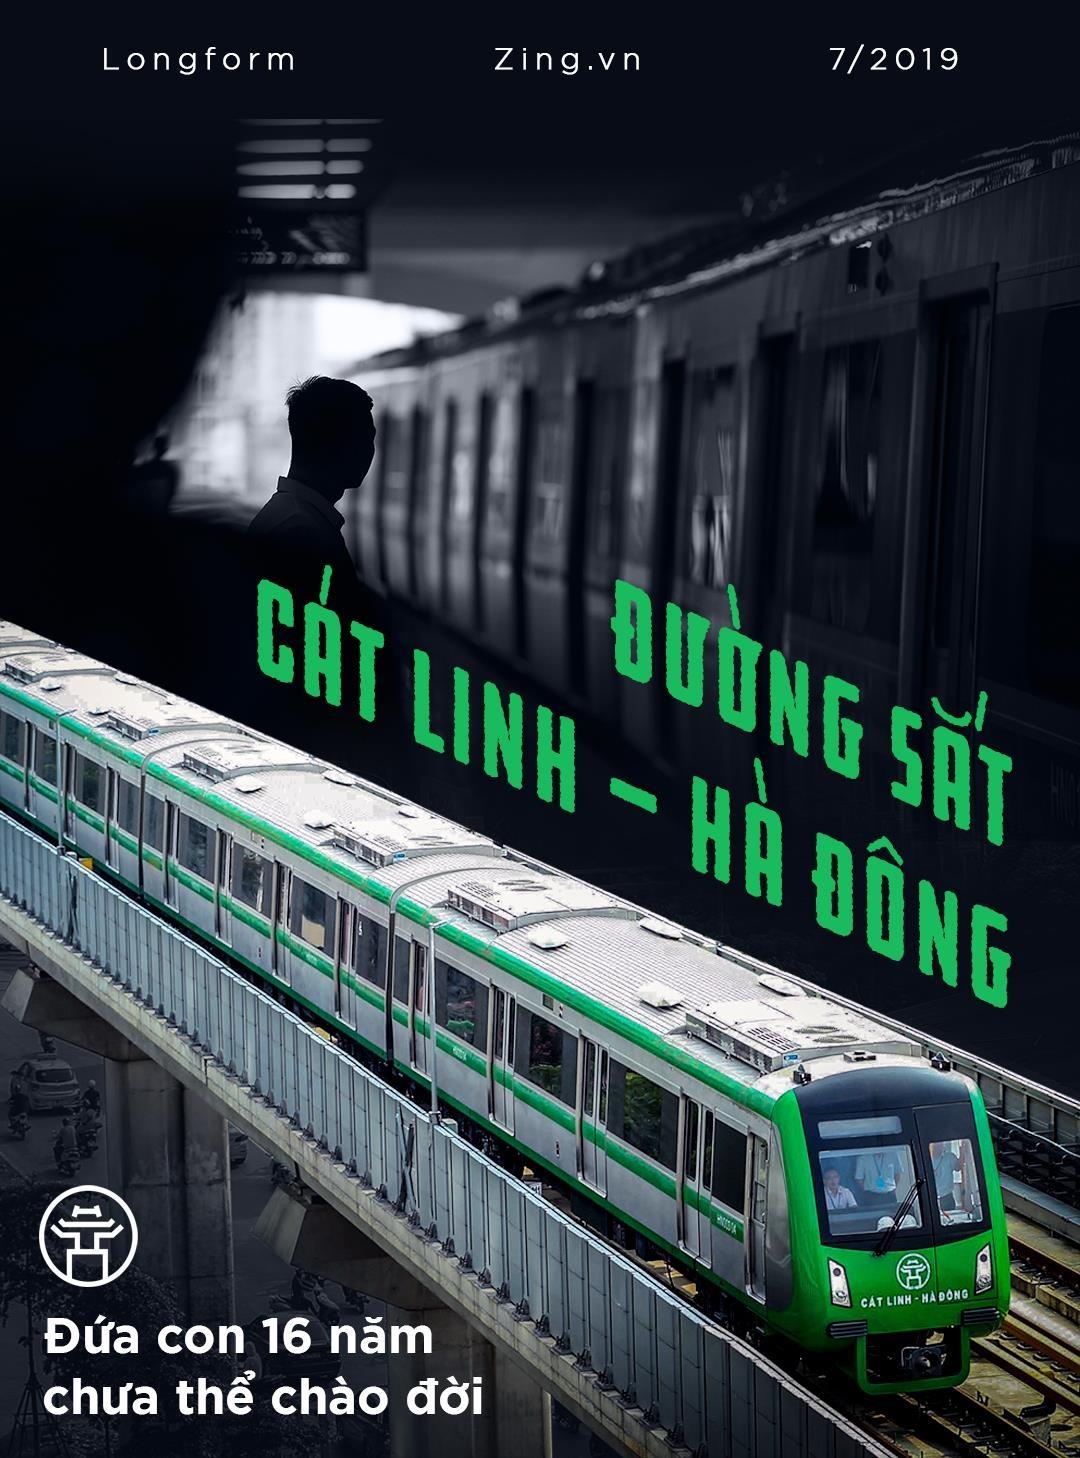 Duong sat Cat Linh - Ha Dong: Dua con 16 nam chua the chao doi hinh anh 1